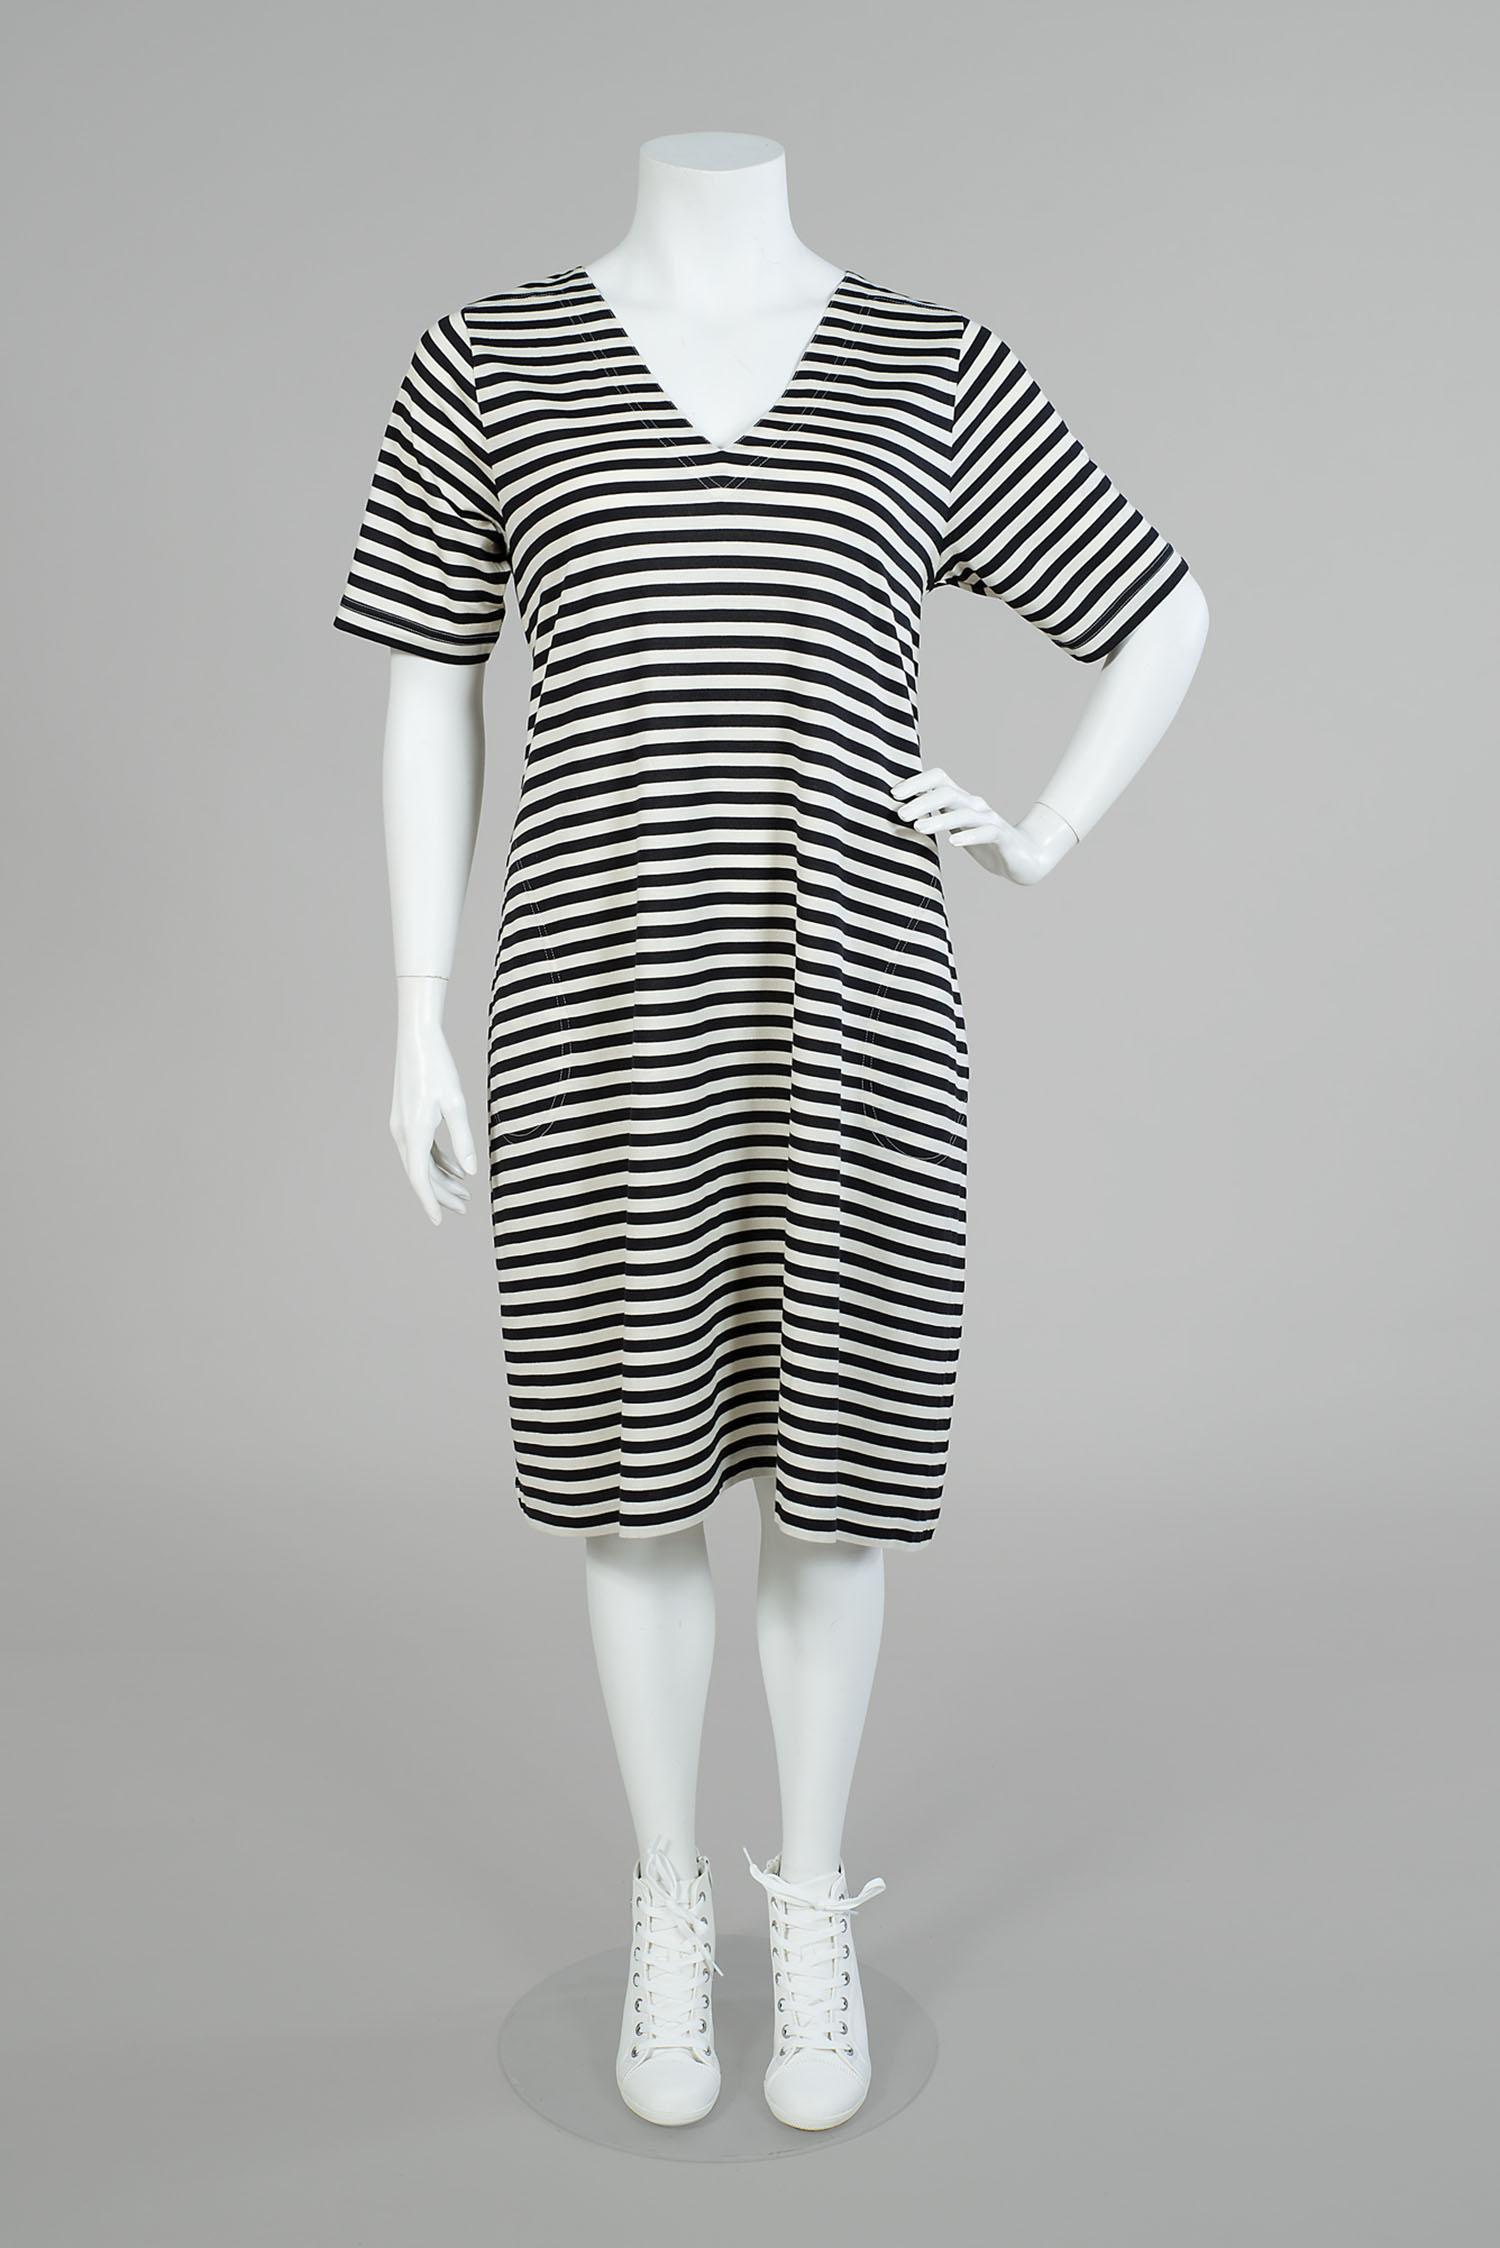 Paula klänning. En smickrande modell för många!